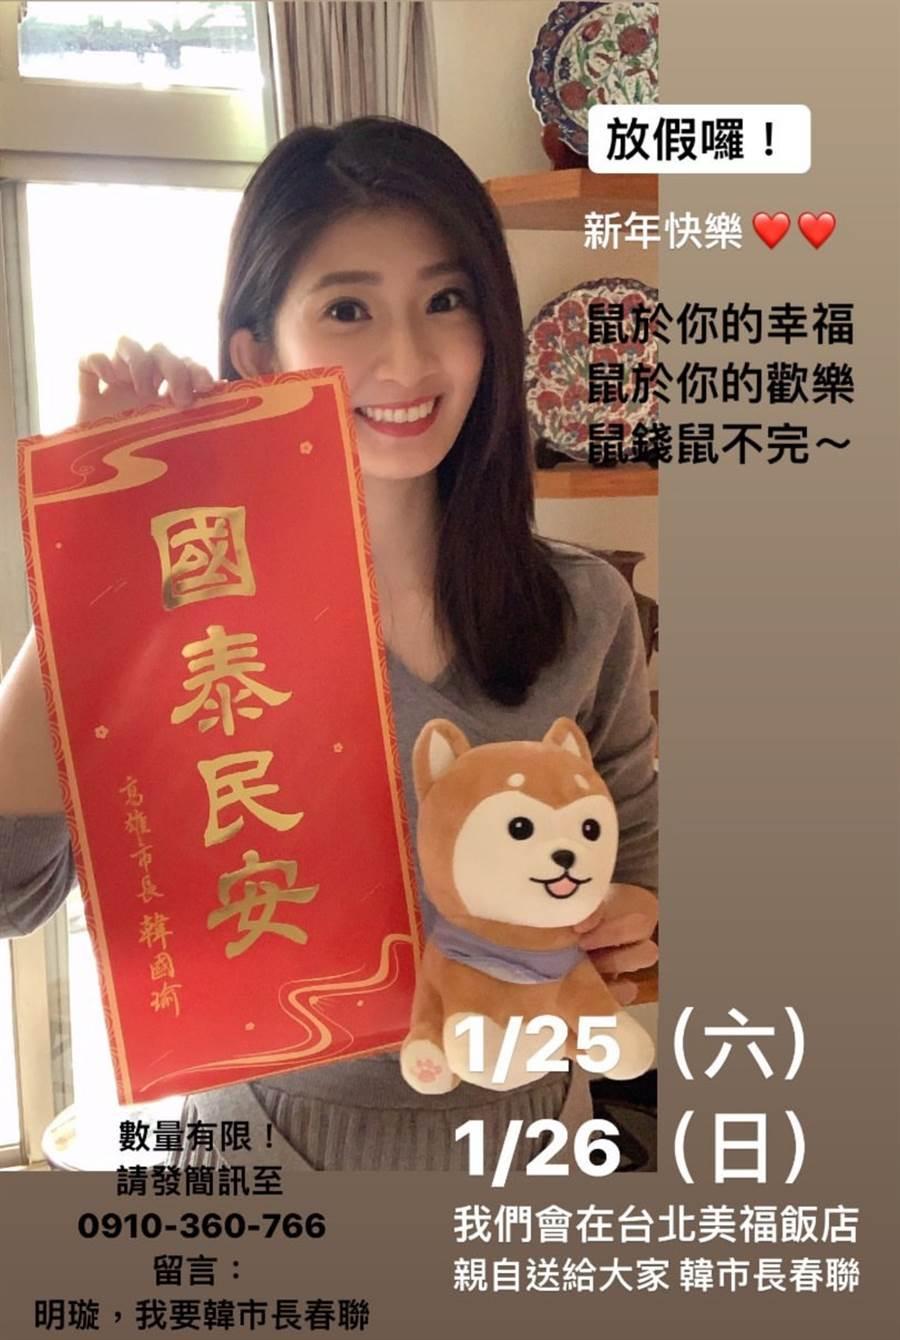 李明璇IG。(圖/李明璇IG)